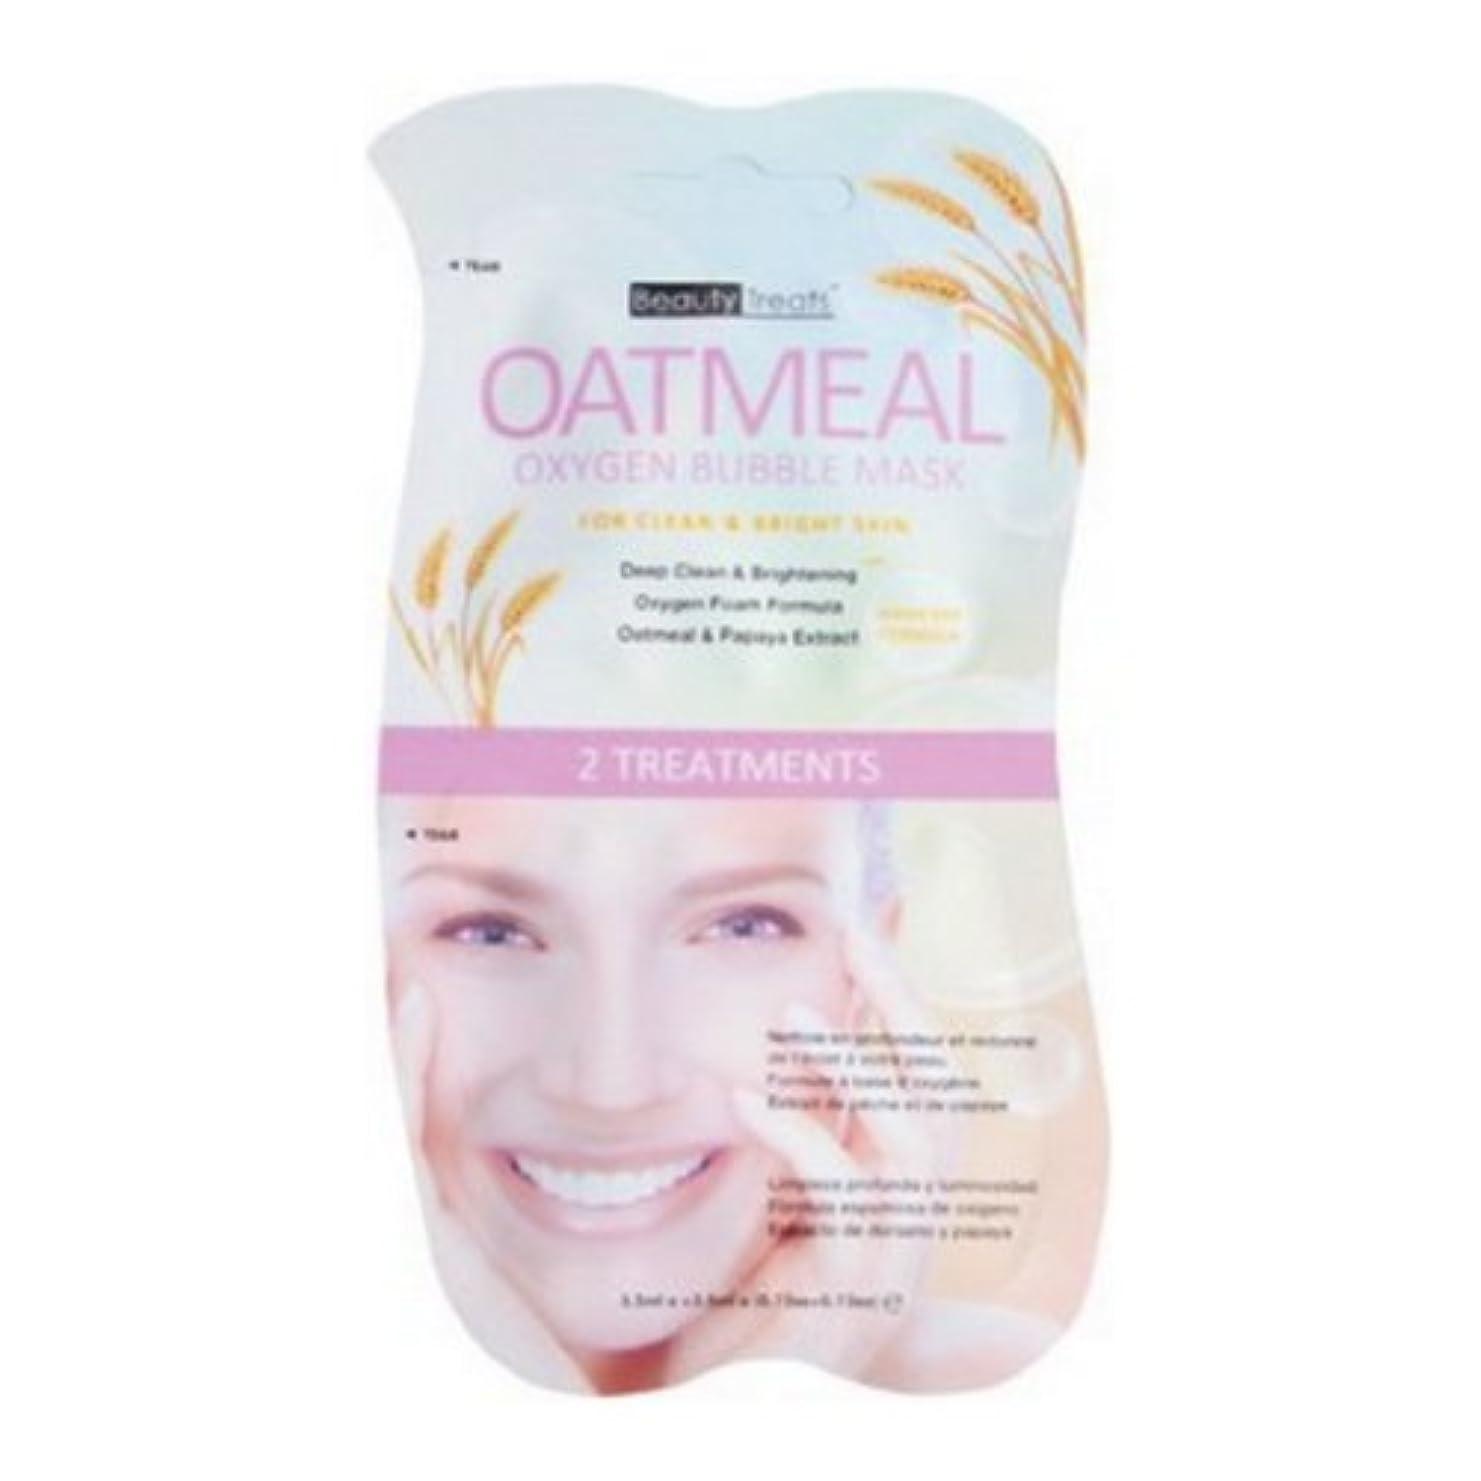 従順第ひいきにする(6 Pack) BEAUTY TREATS Oatmeal Oxygen Bubble Mask - Oatmeal (並行輸入品)